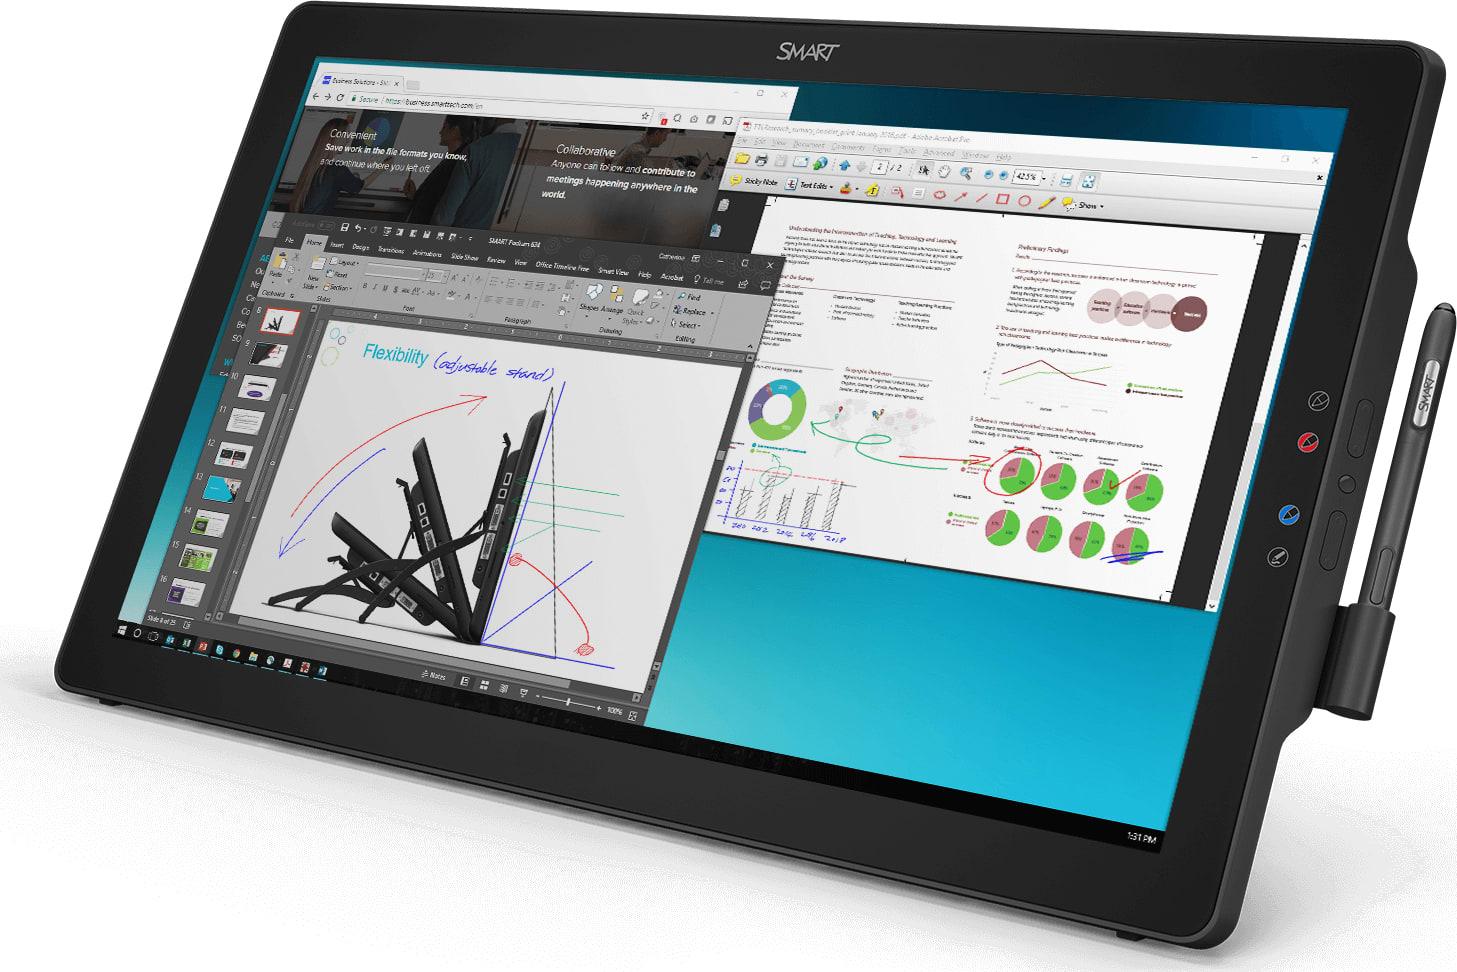 SMART SP624 - Podium 624 Interactive Pen Display